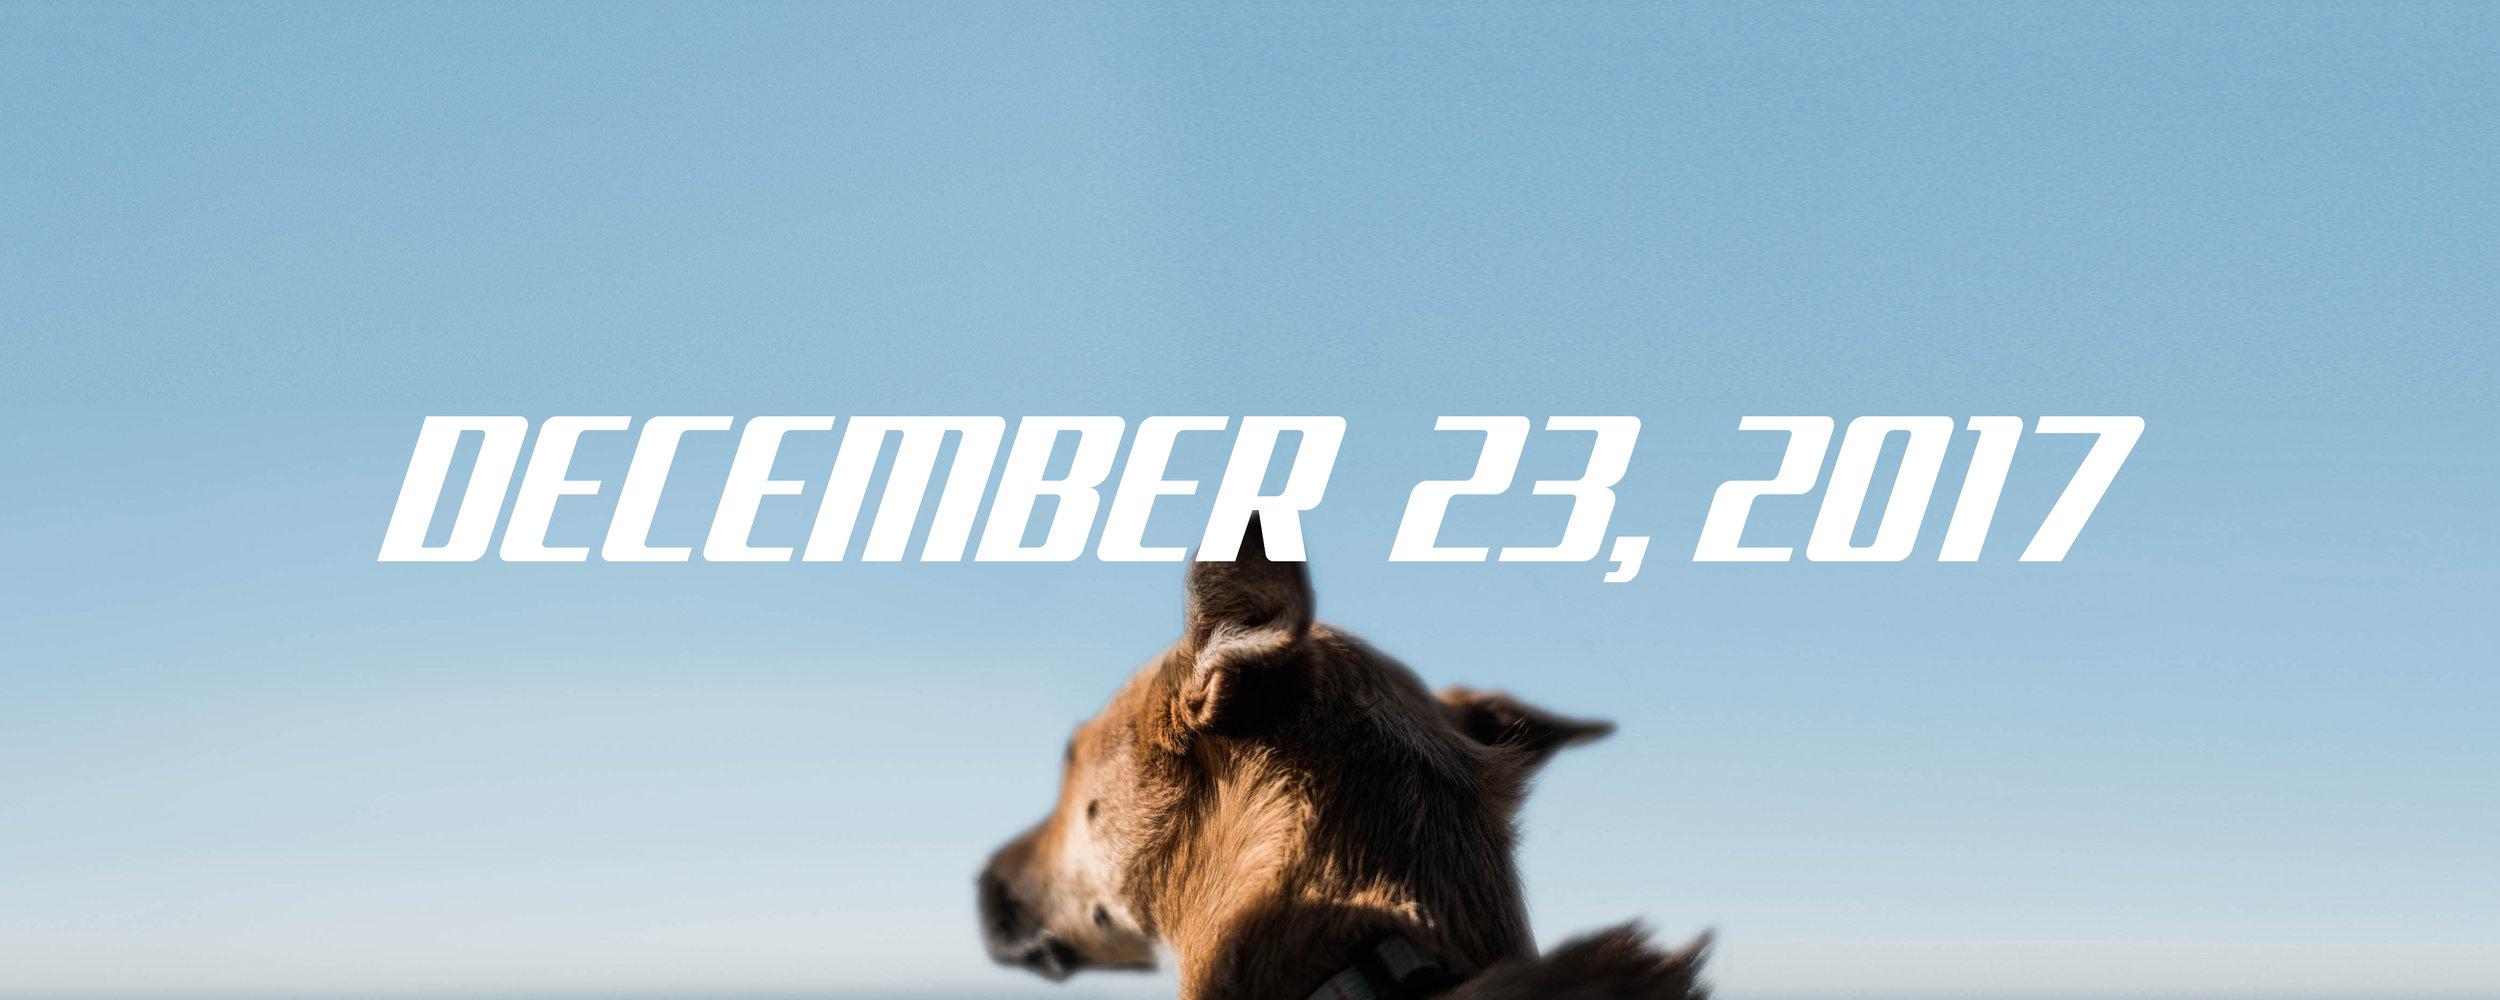 WEEKLY-COVER-12-23-17.jpg